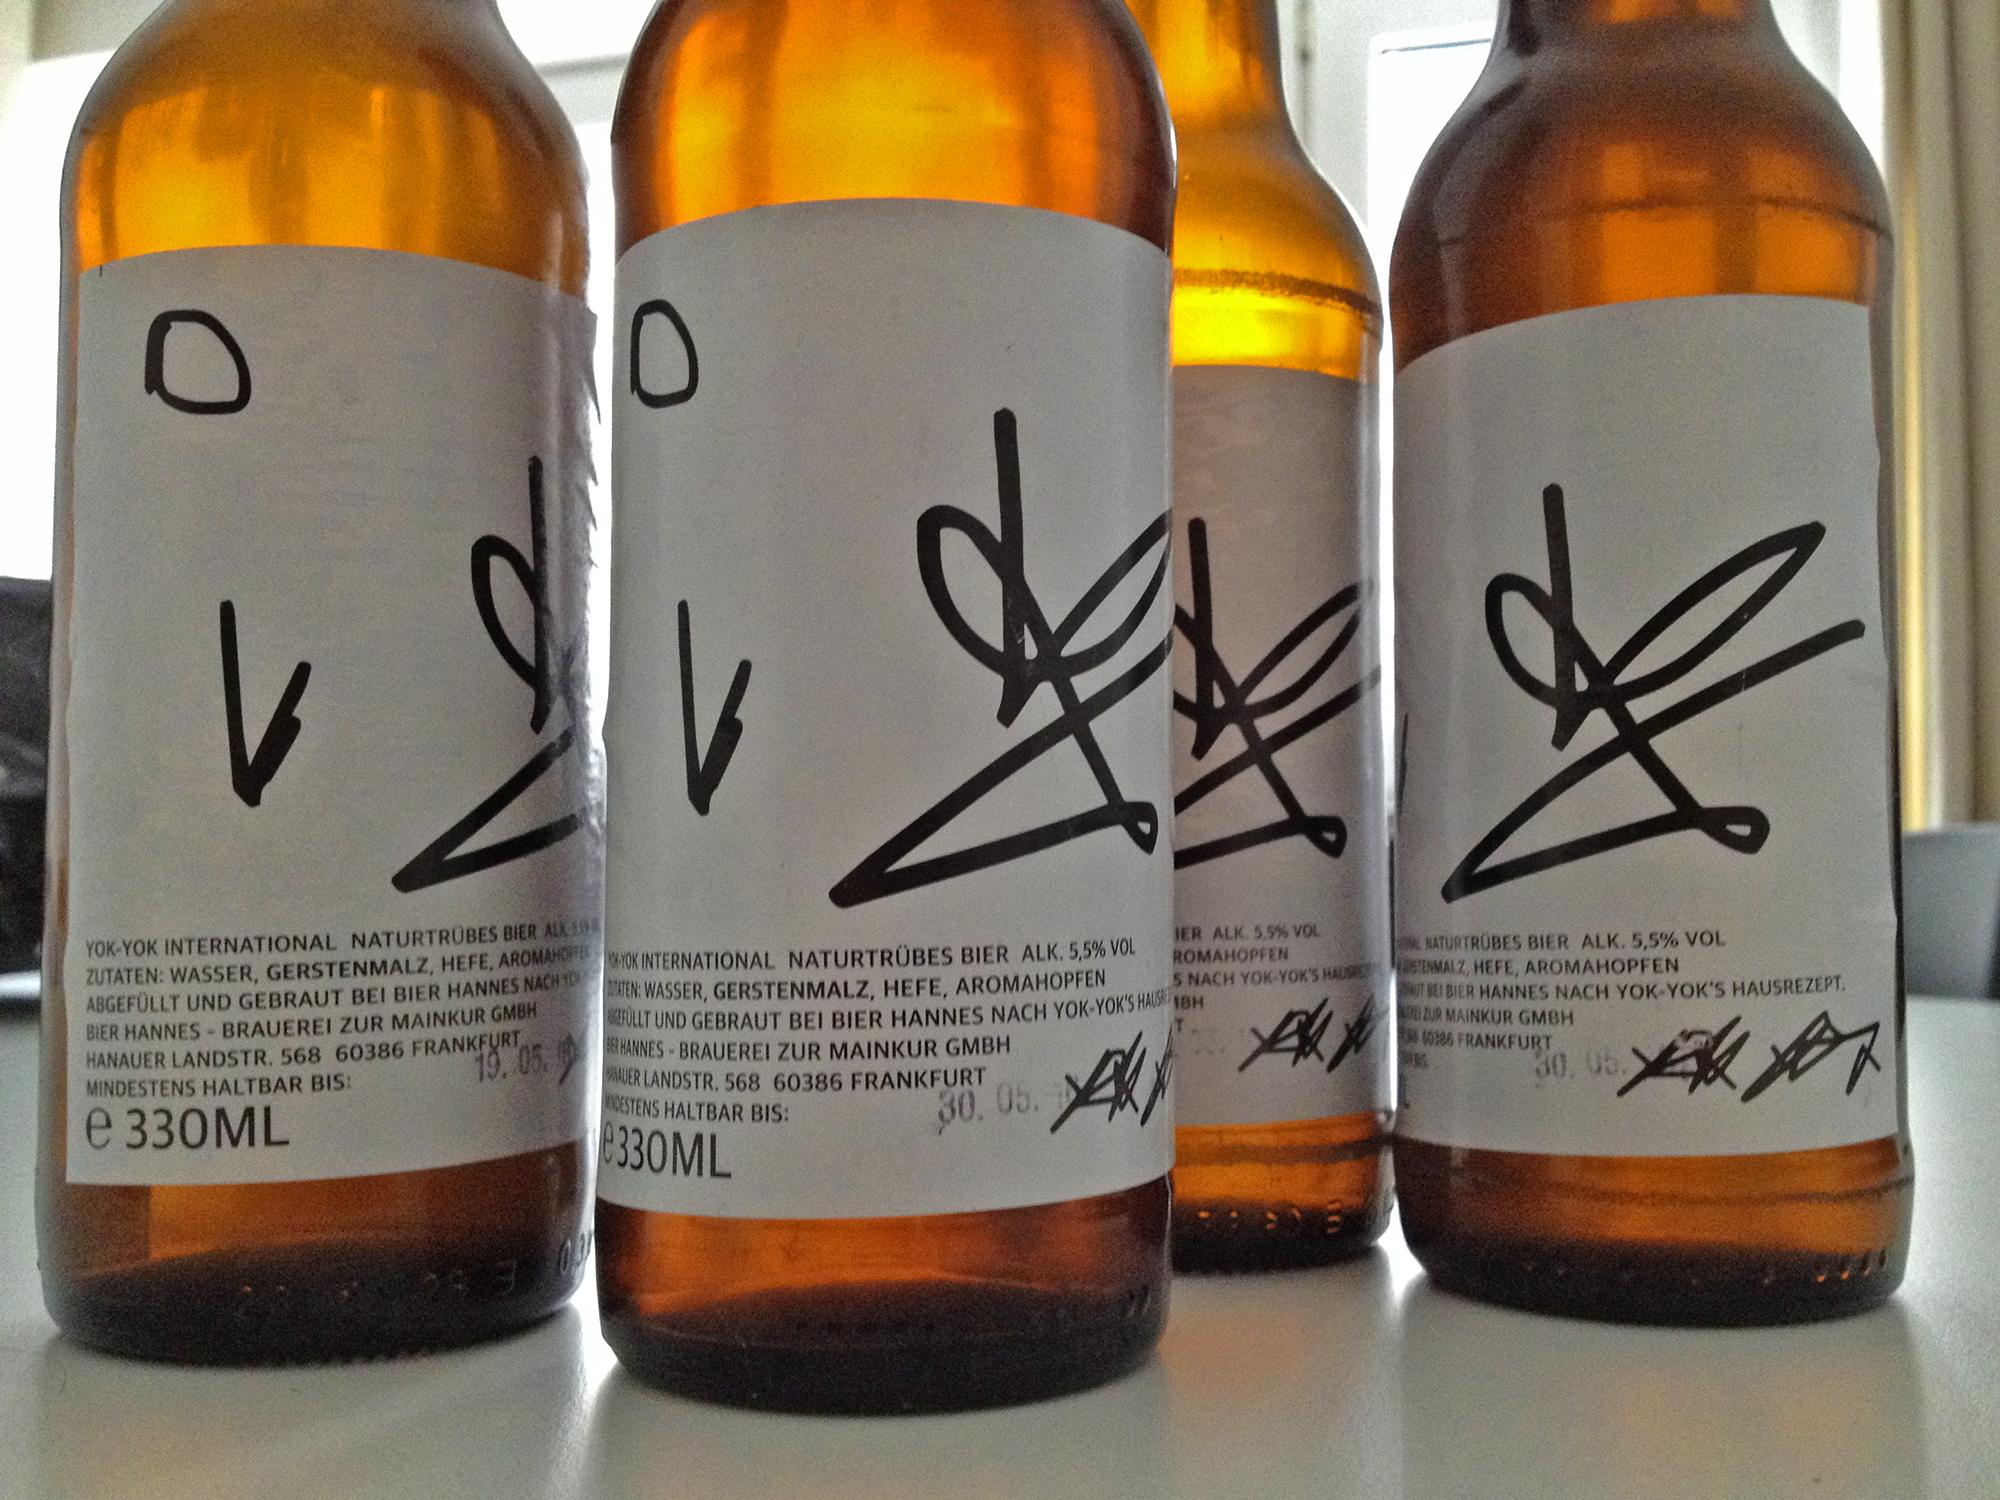 Hauseigenes YOK-YOK-Bier aus dem Frankfurter Bahnhofsviertel